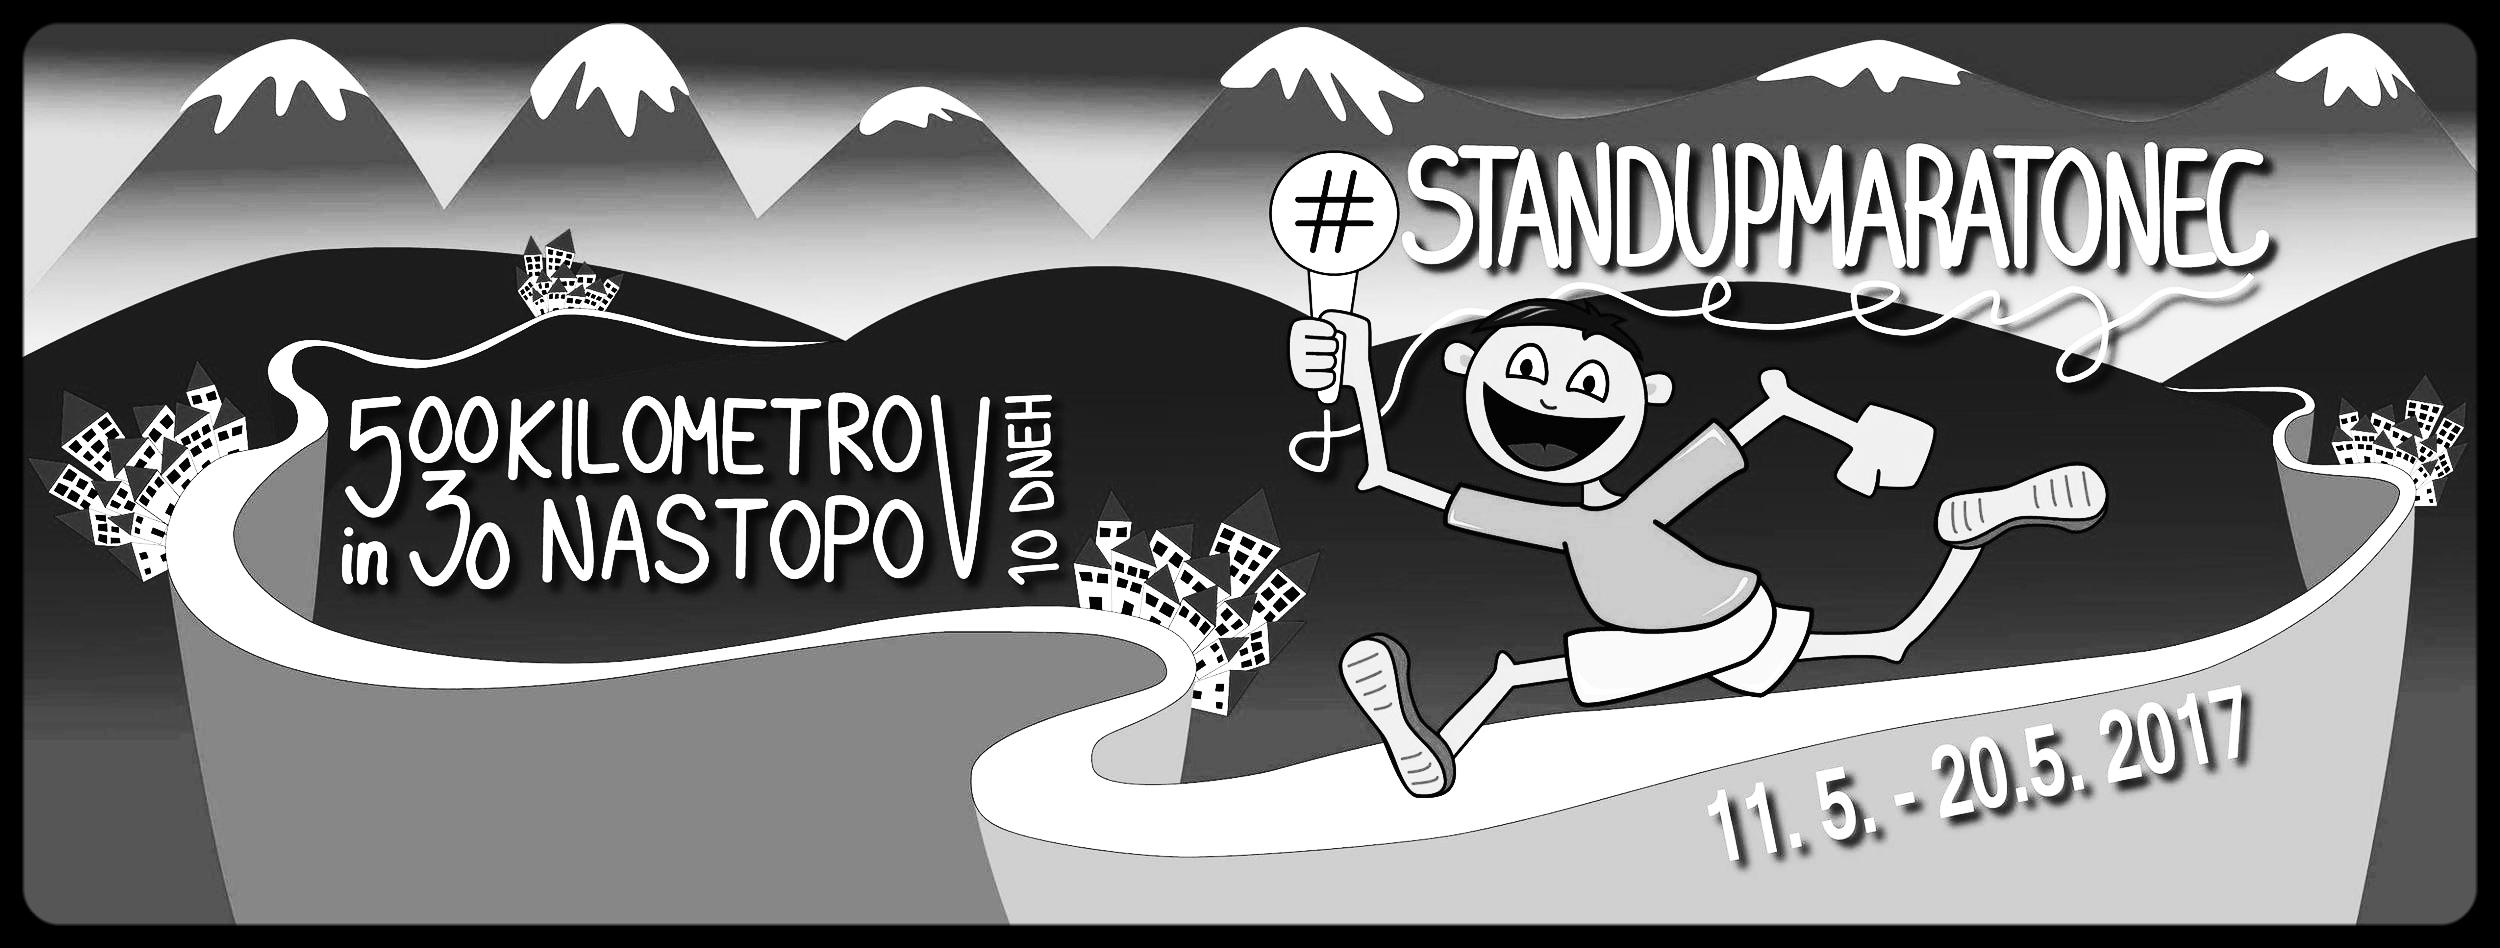 standupmaratonec